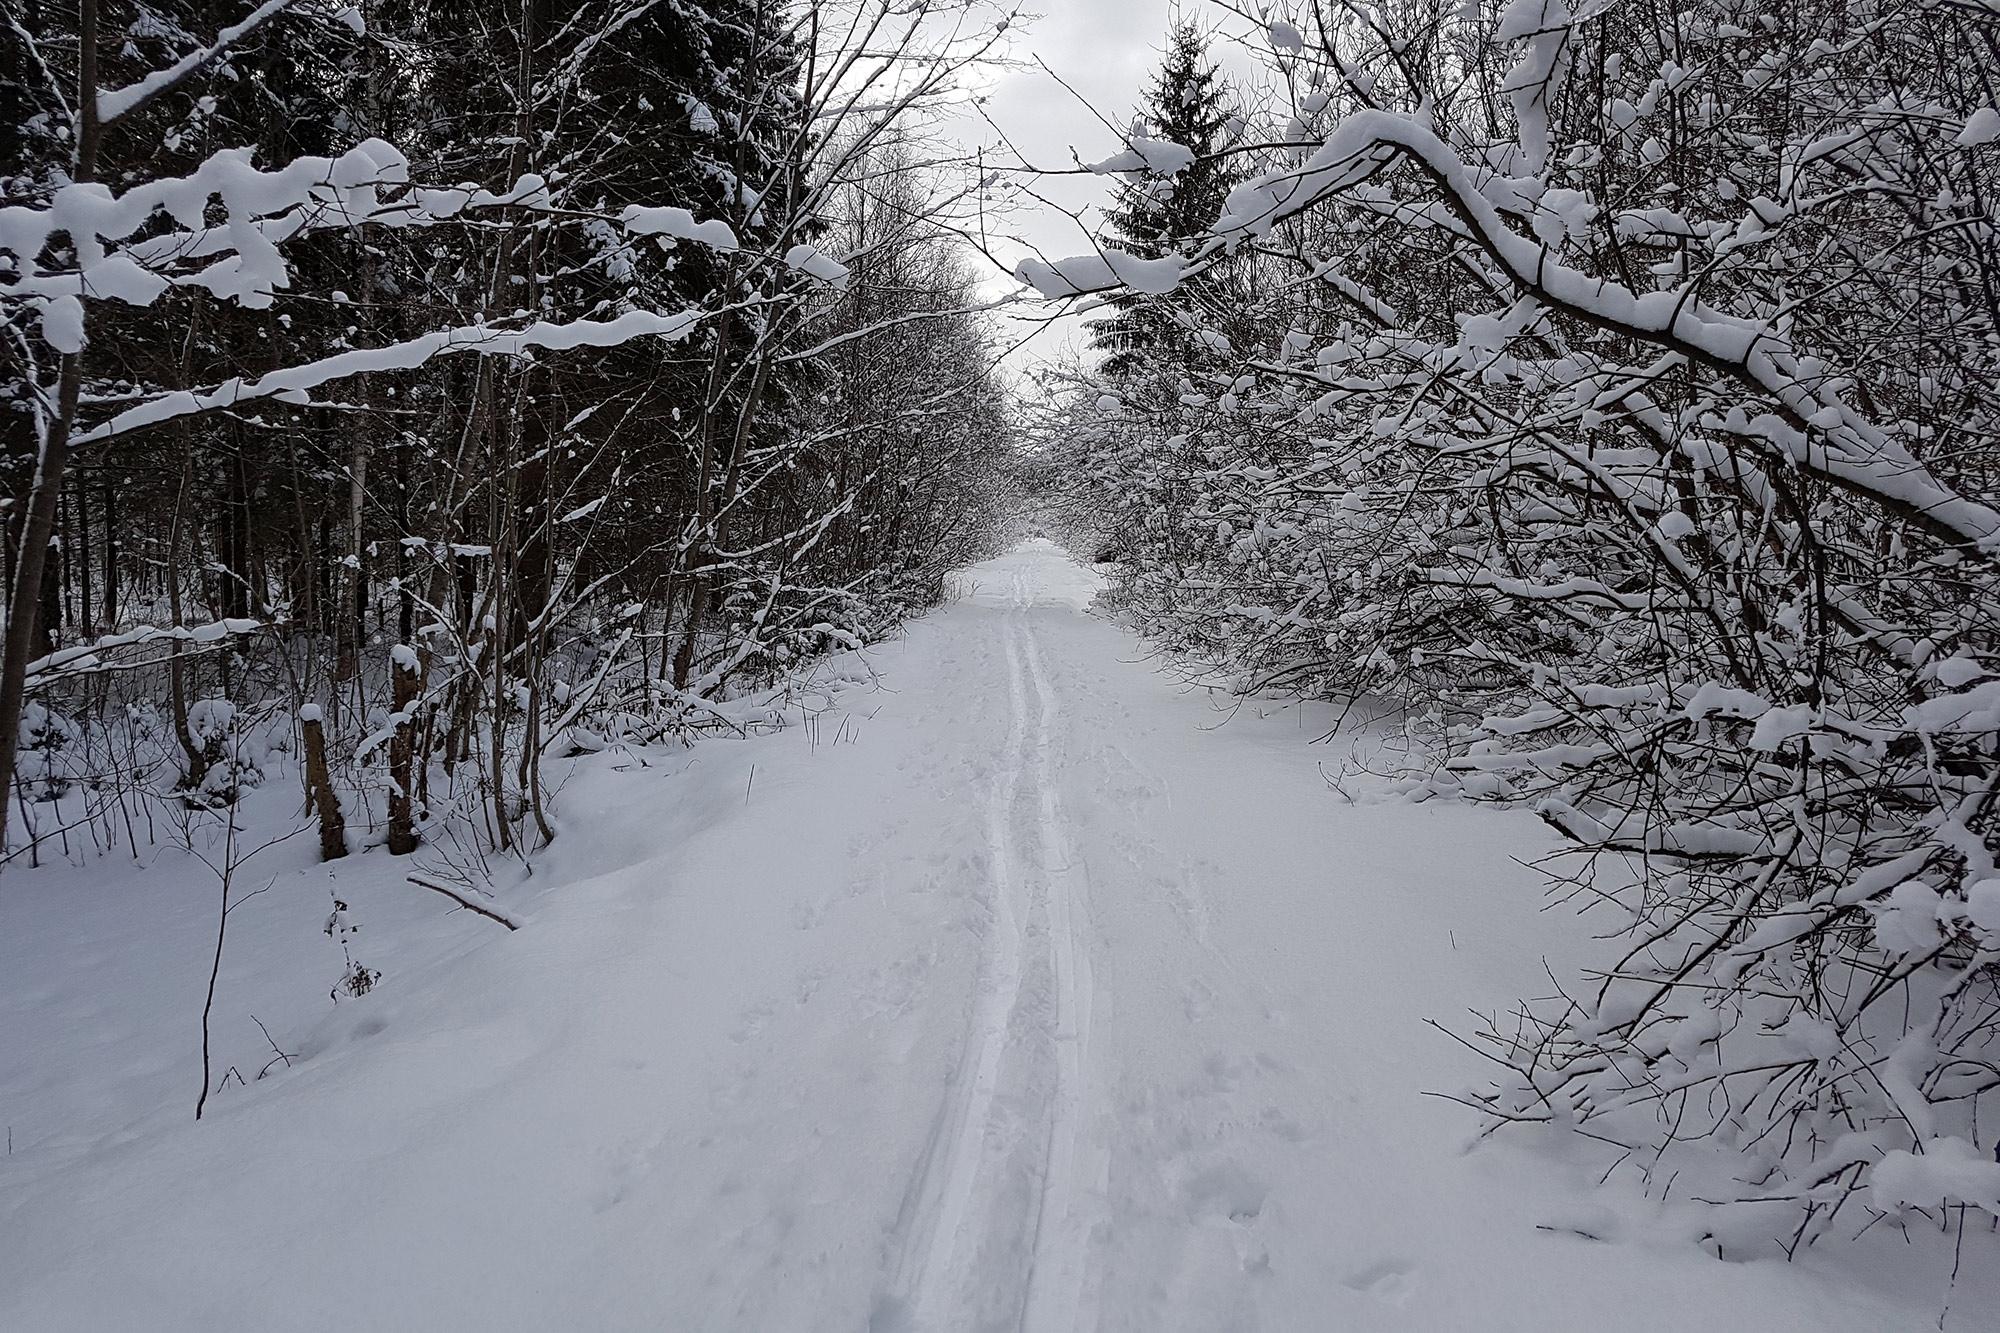 Пешком по зимнему лесу в поисках гейзеров под Гатчиной